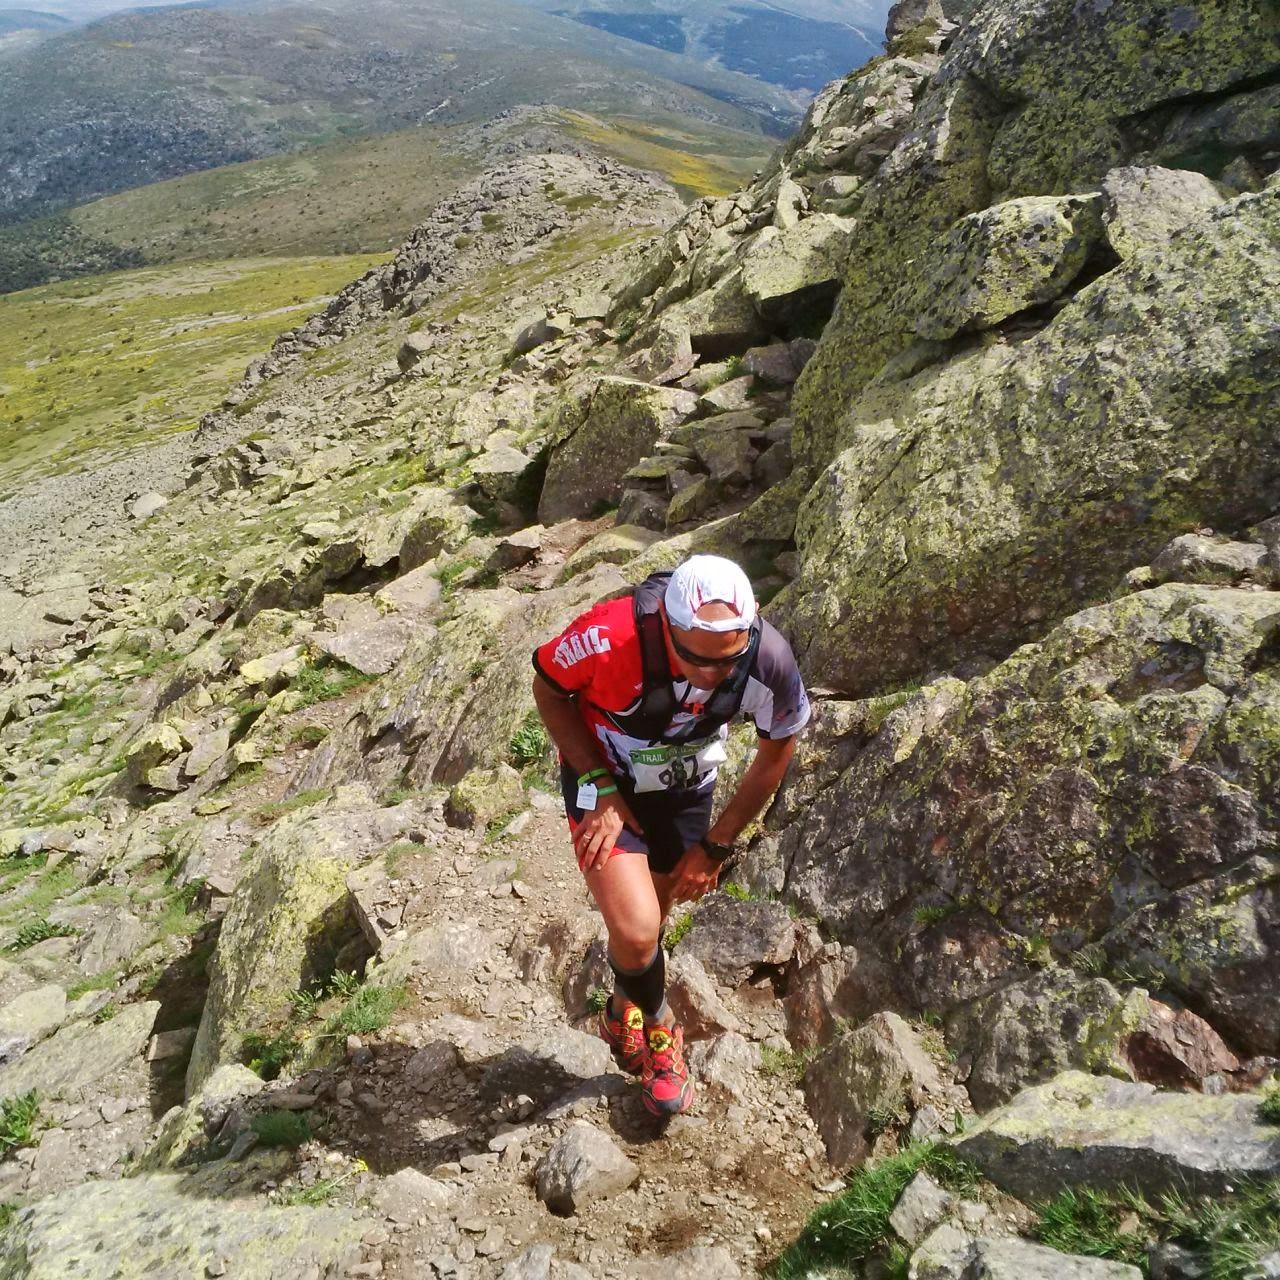 Kike de Diego, deportista de trail, ha superado su fascitis plantar con un tratamiento de plantillas personalizadas